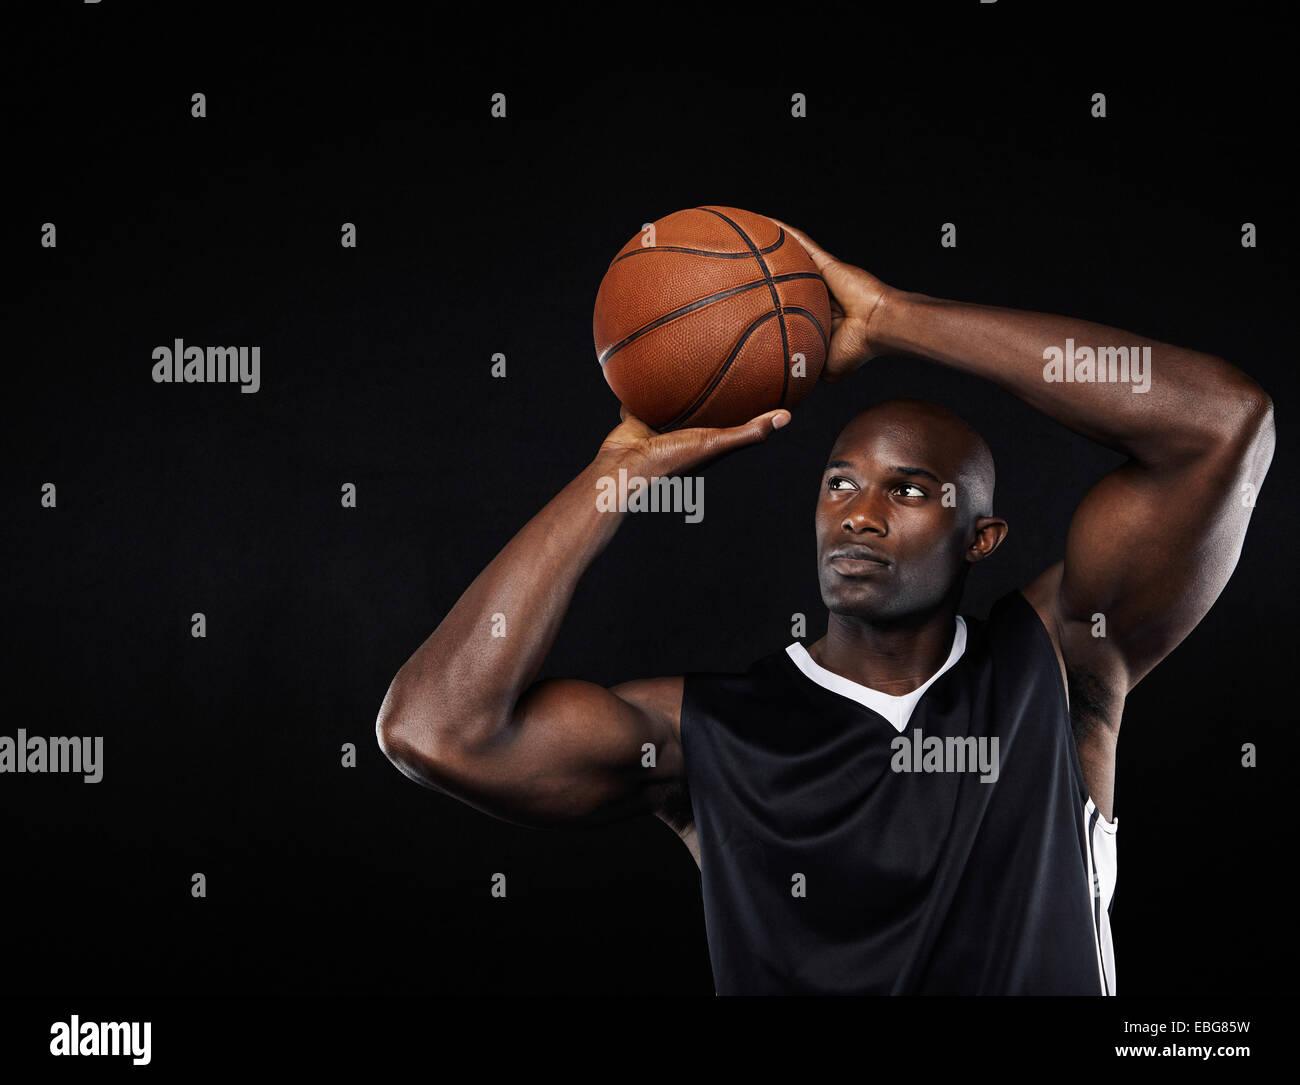 Los jóvenes afroamericanos jugador de baloncesto masculino de disparo en el aro contra fondo negro Imagen De Stock